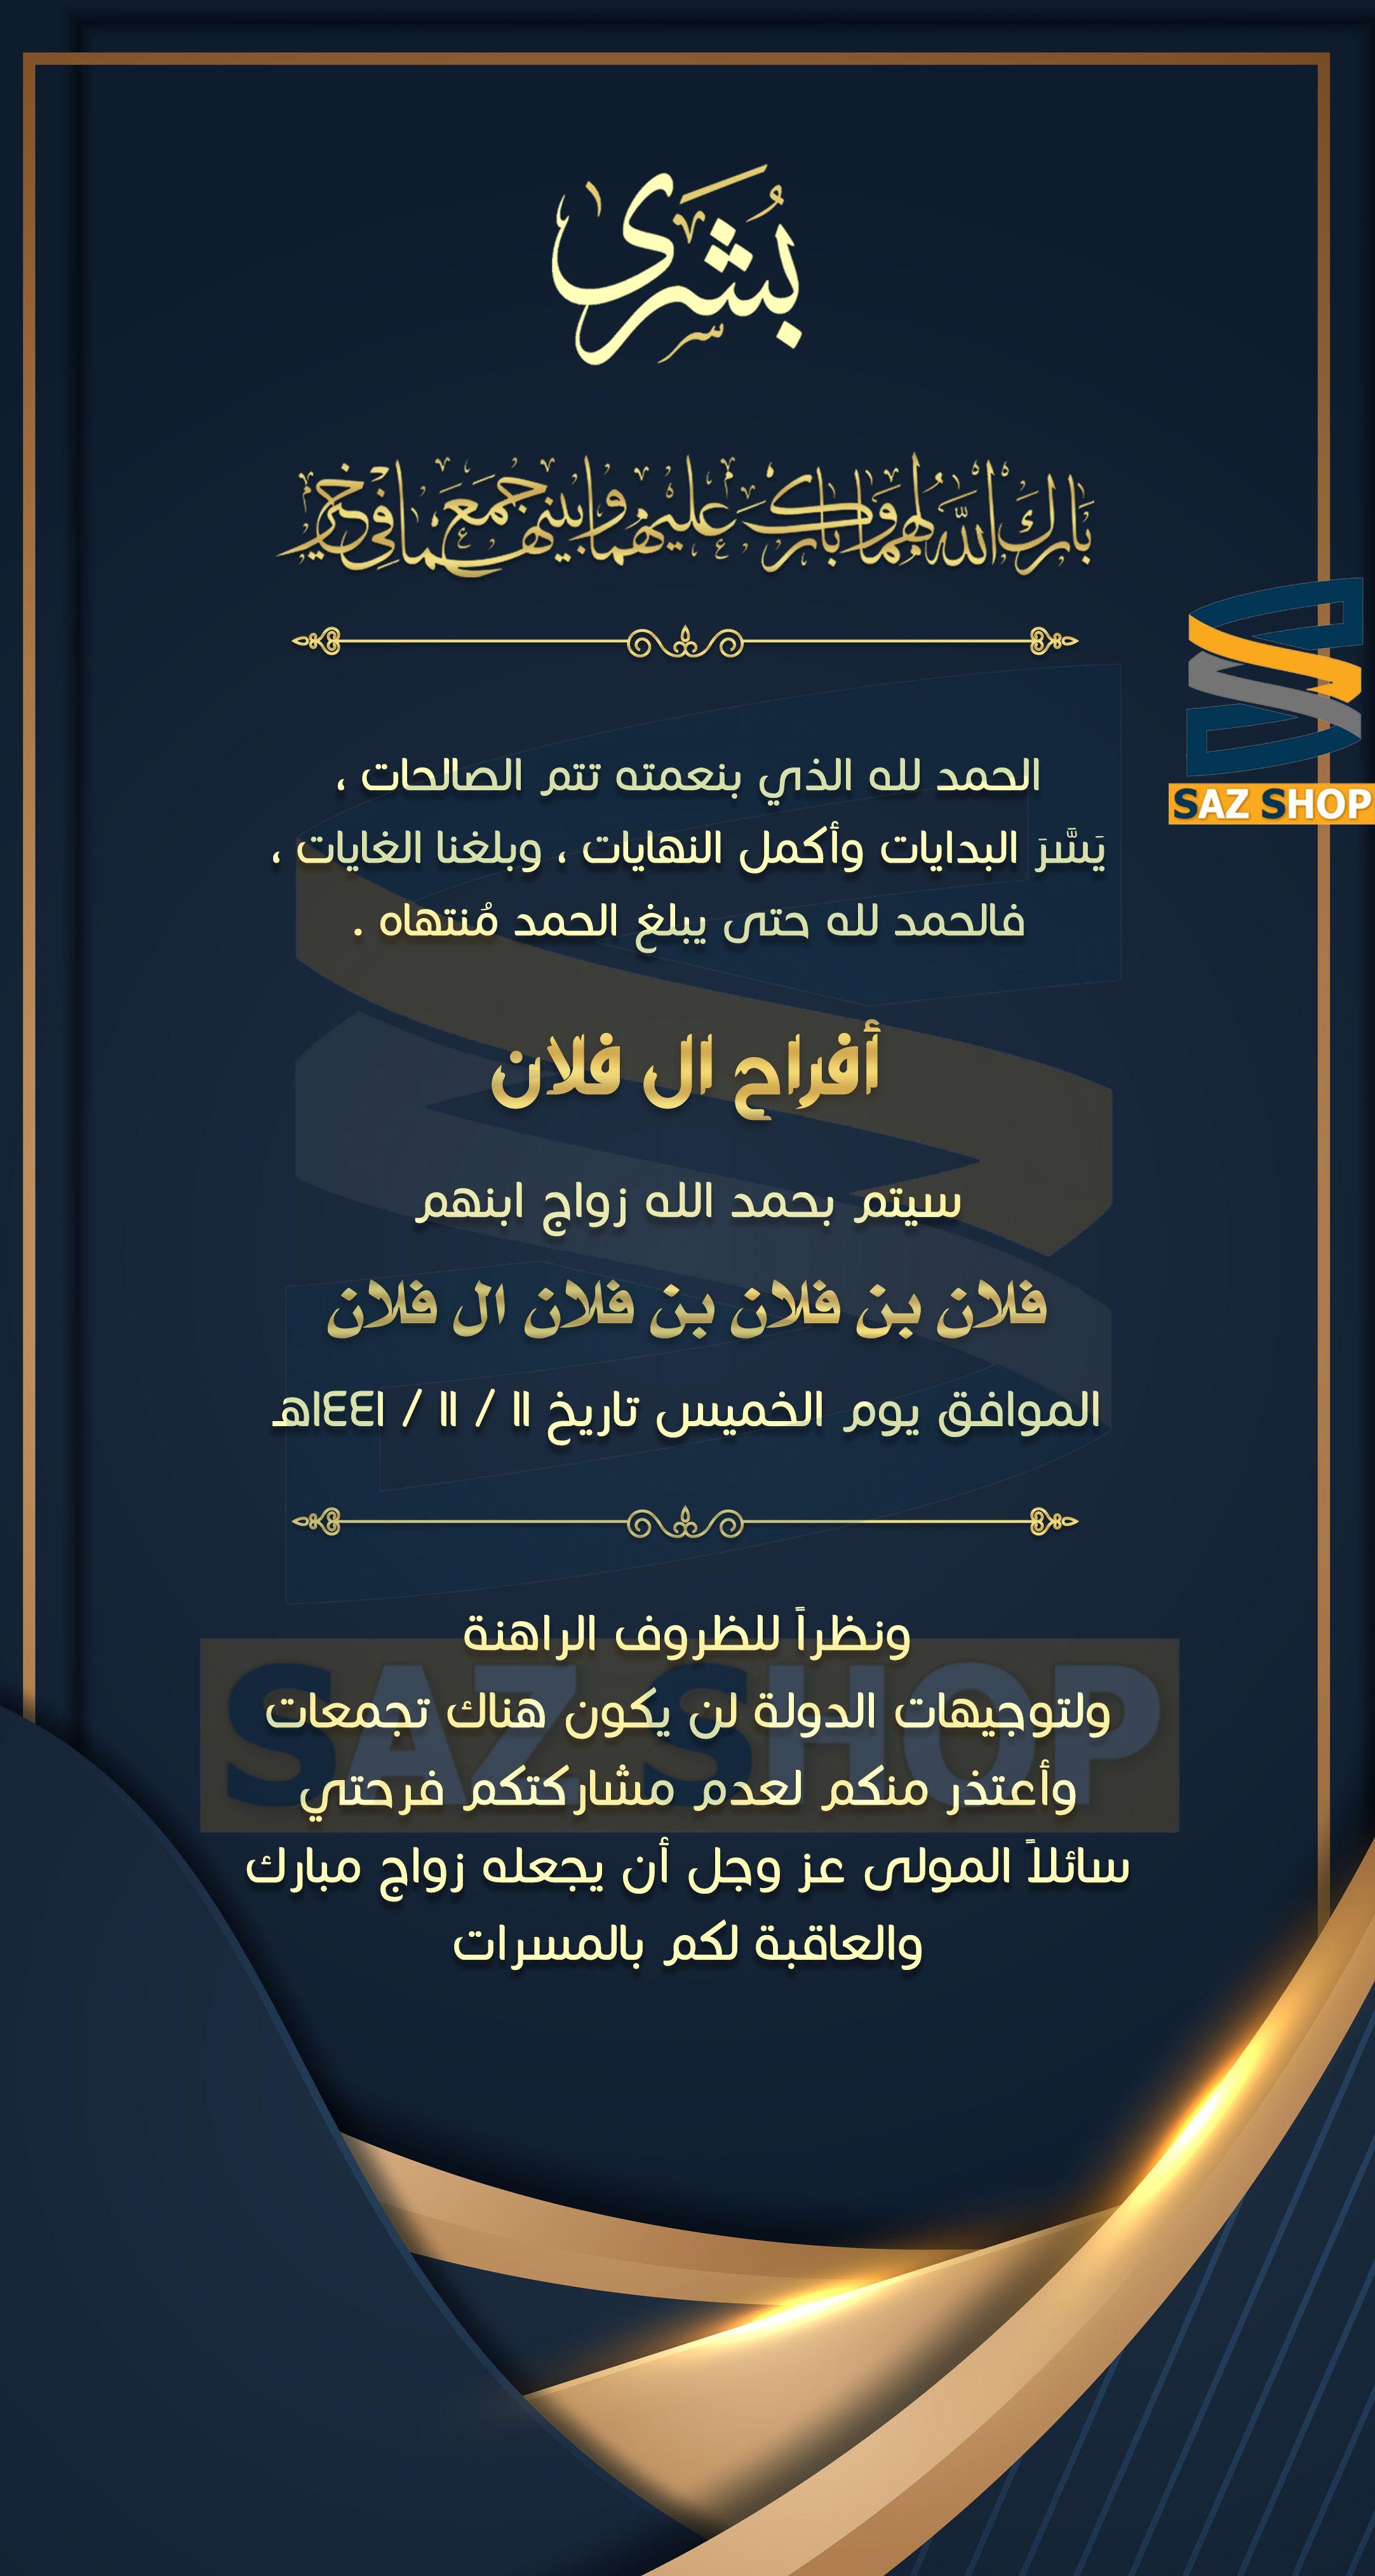 بطاقة دعوة زواج رجالية 131